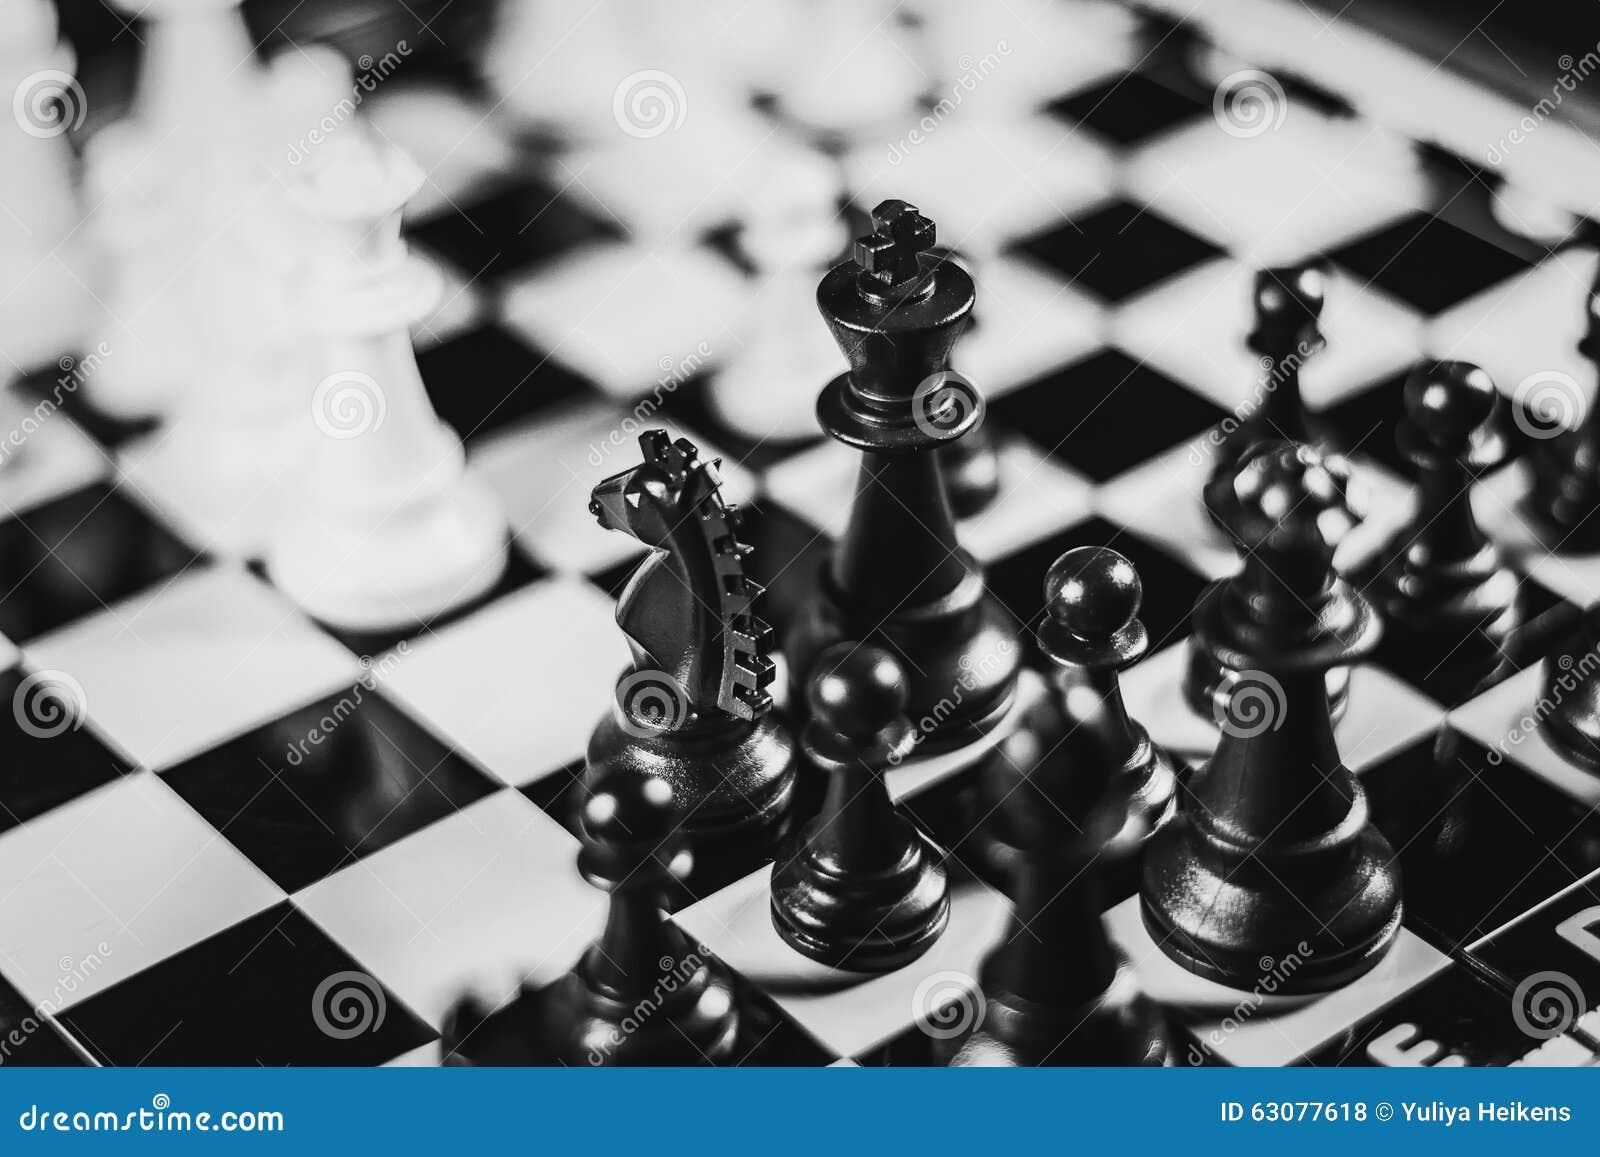 Download Course noire et blanche photo stock. Image du panneau - 63077618